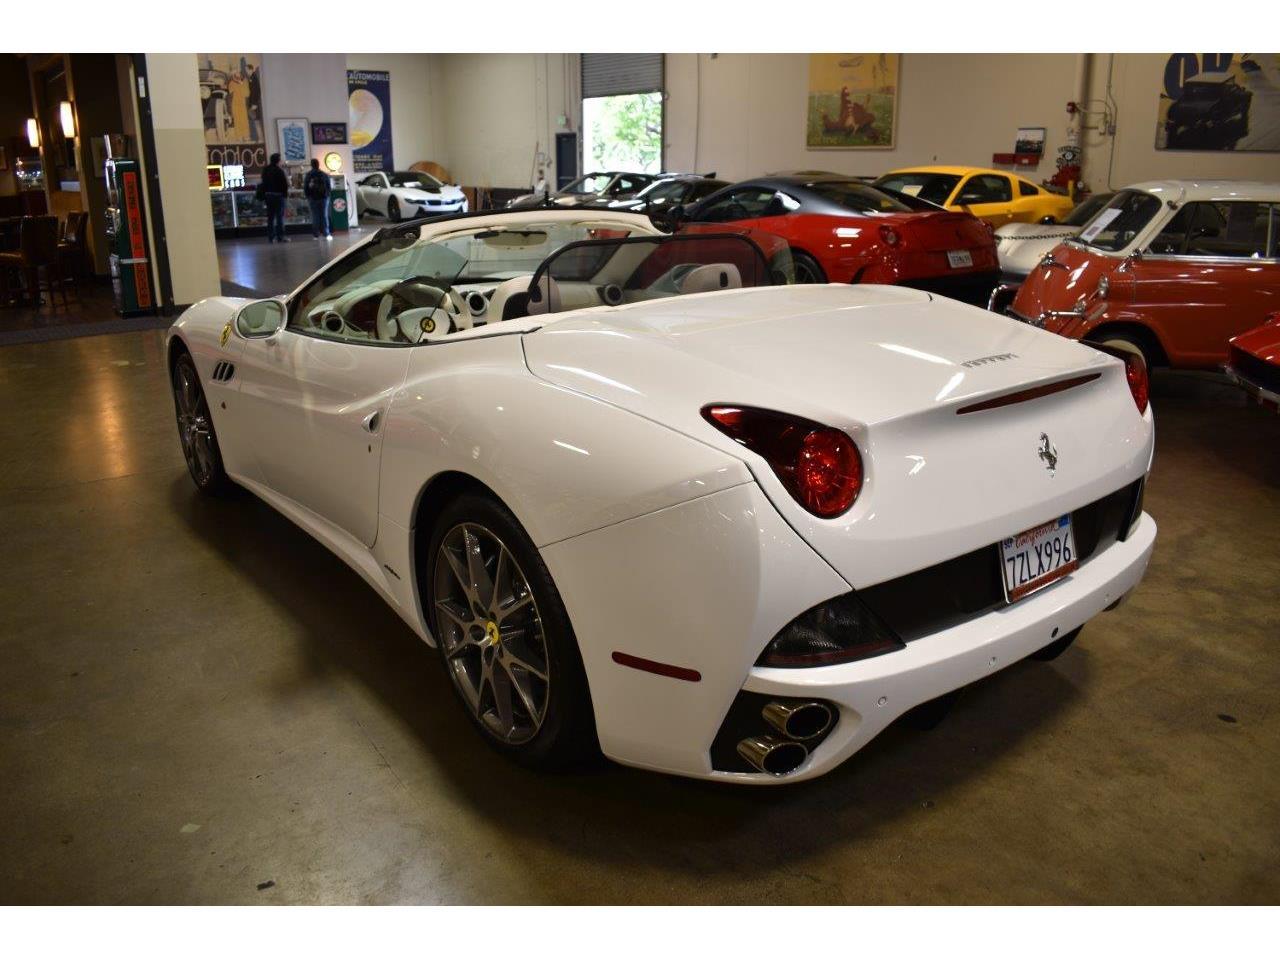 Large Picture of '10 Ferrari California located in California - $159,000.00 - QD41